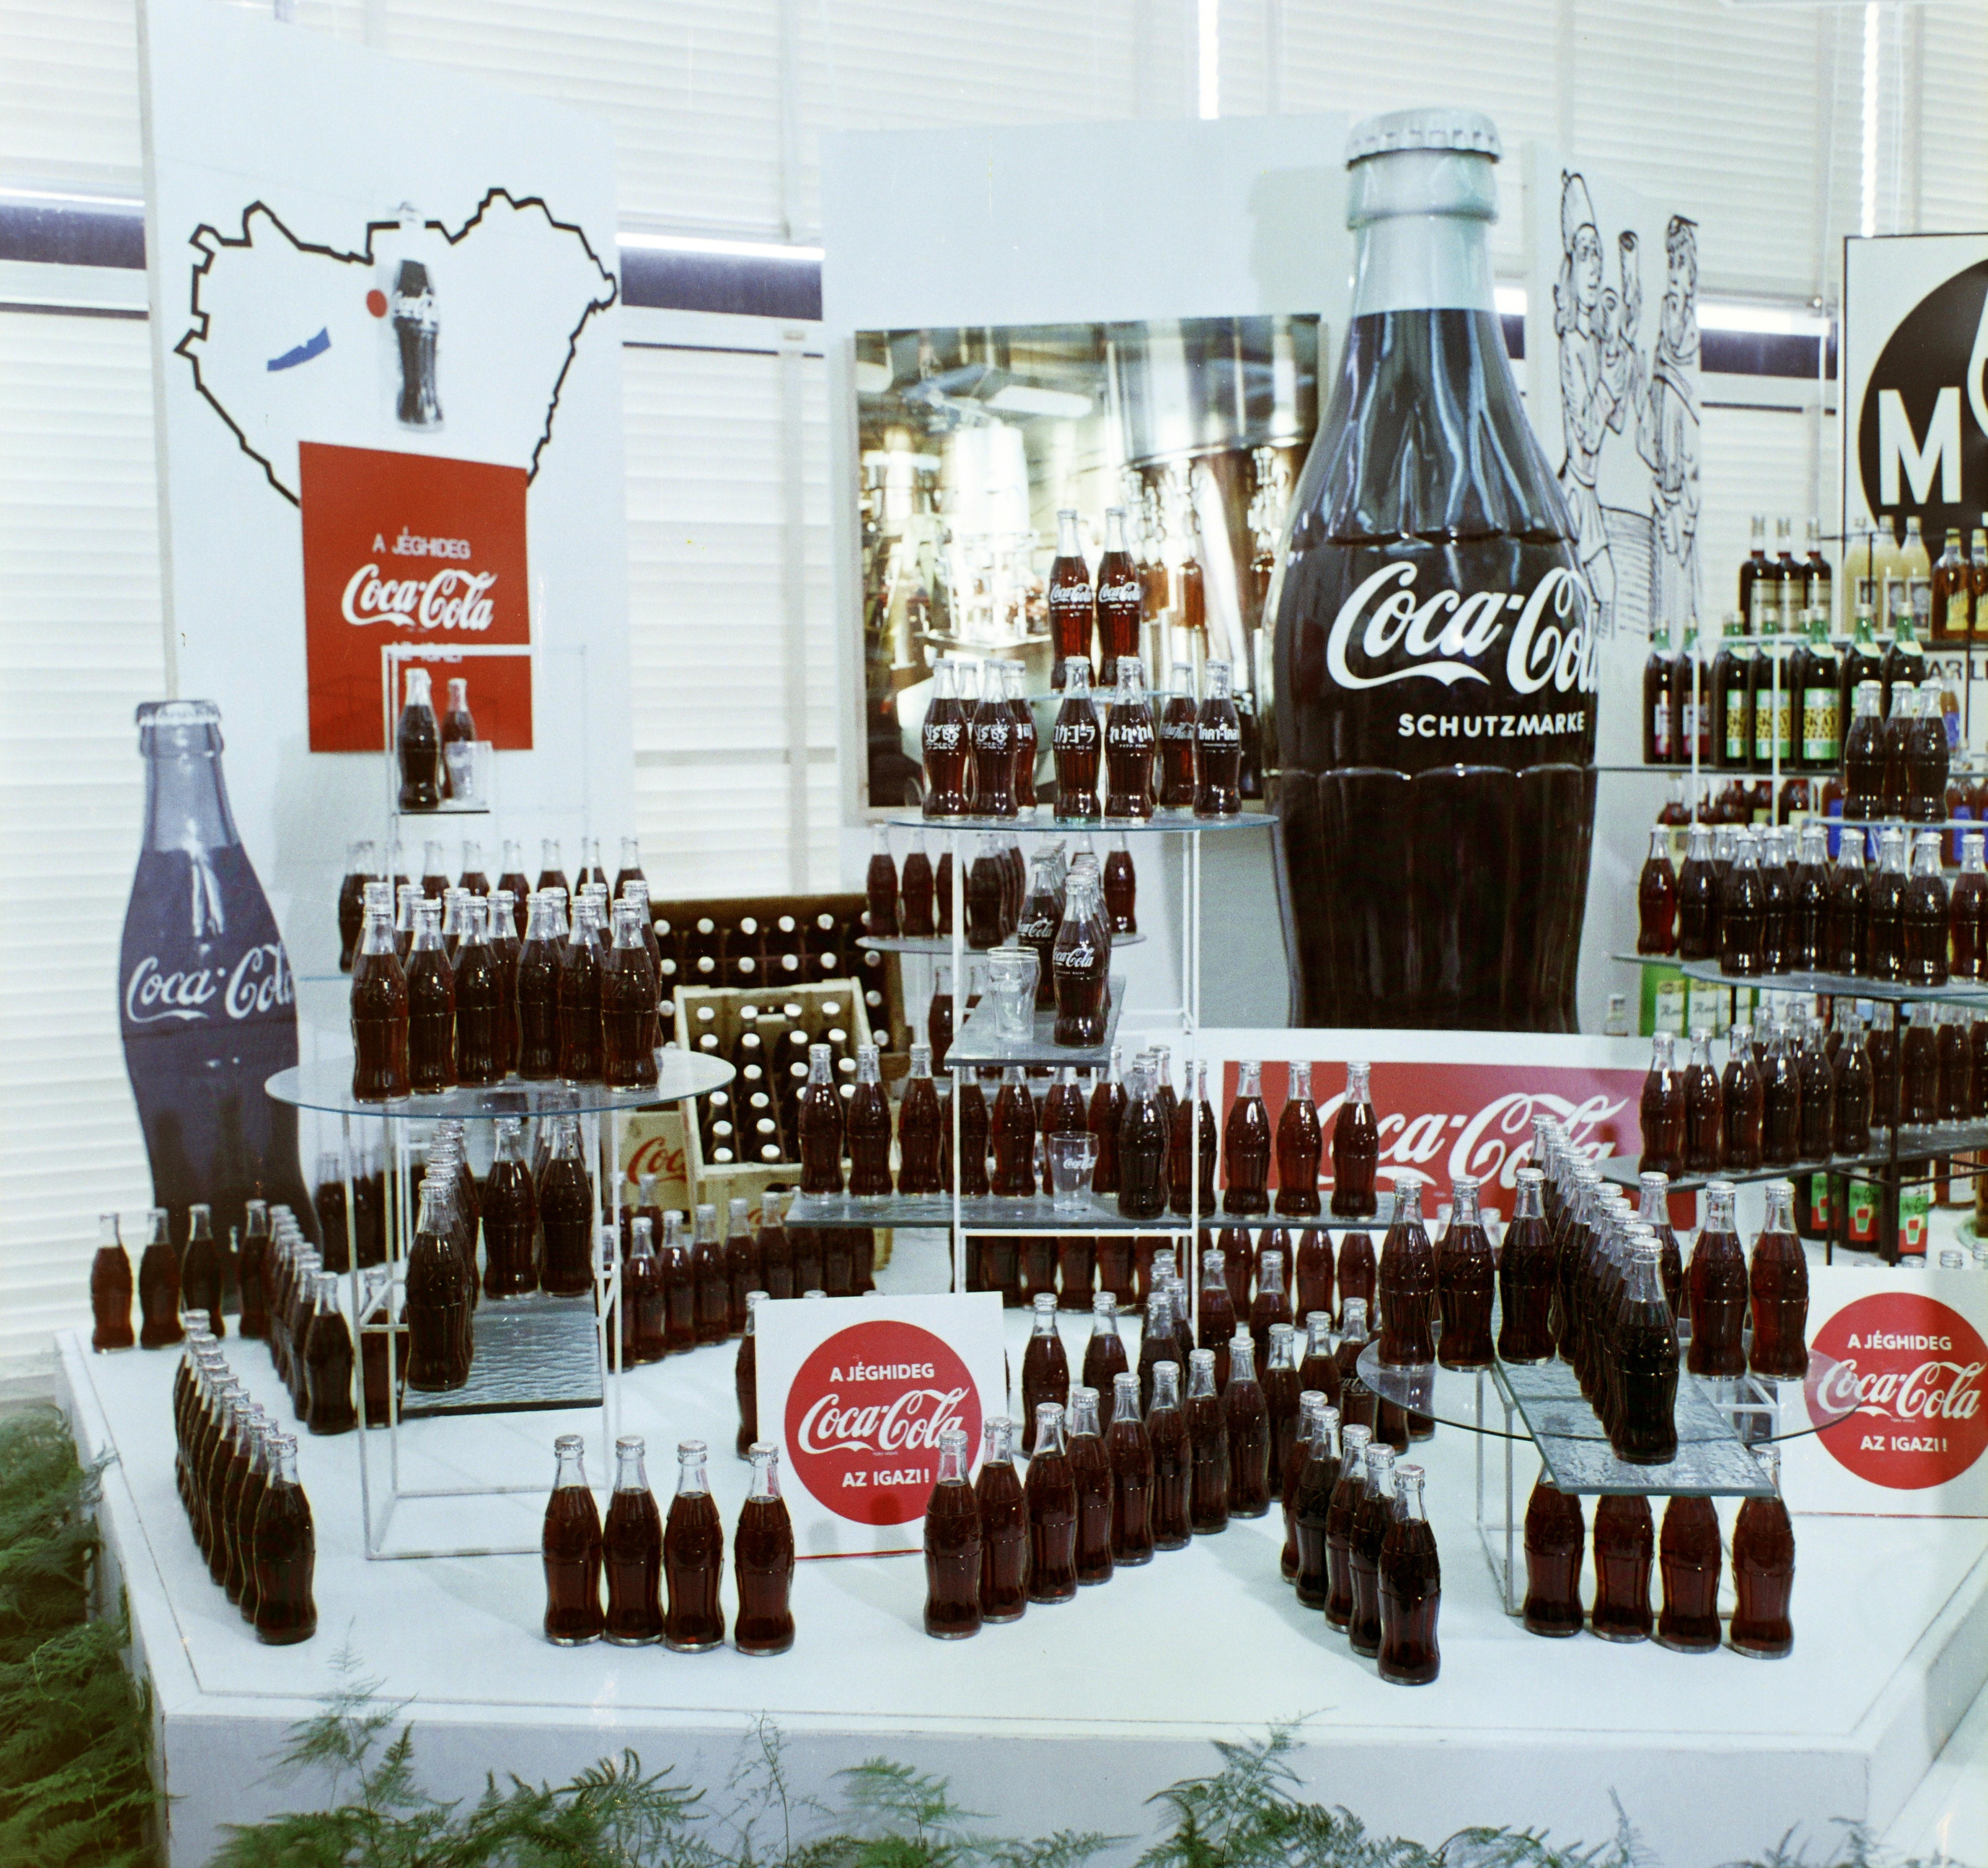 Gedichte auf Coca-Cola Flaschen? post's picture